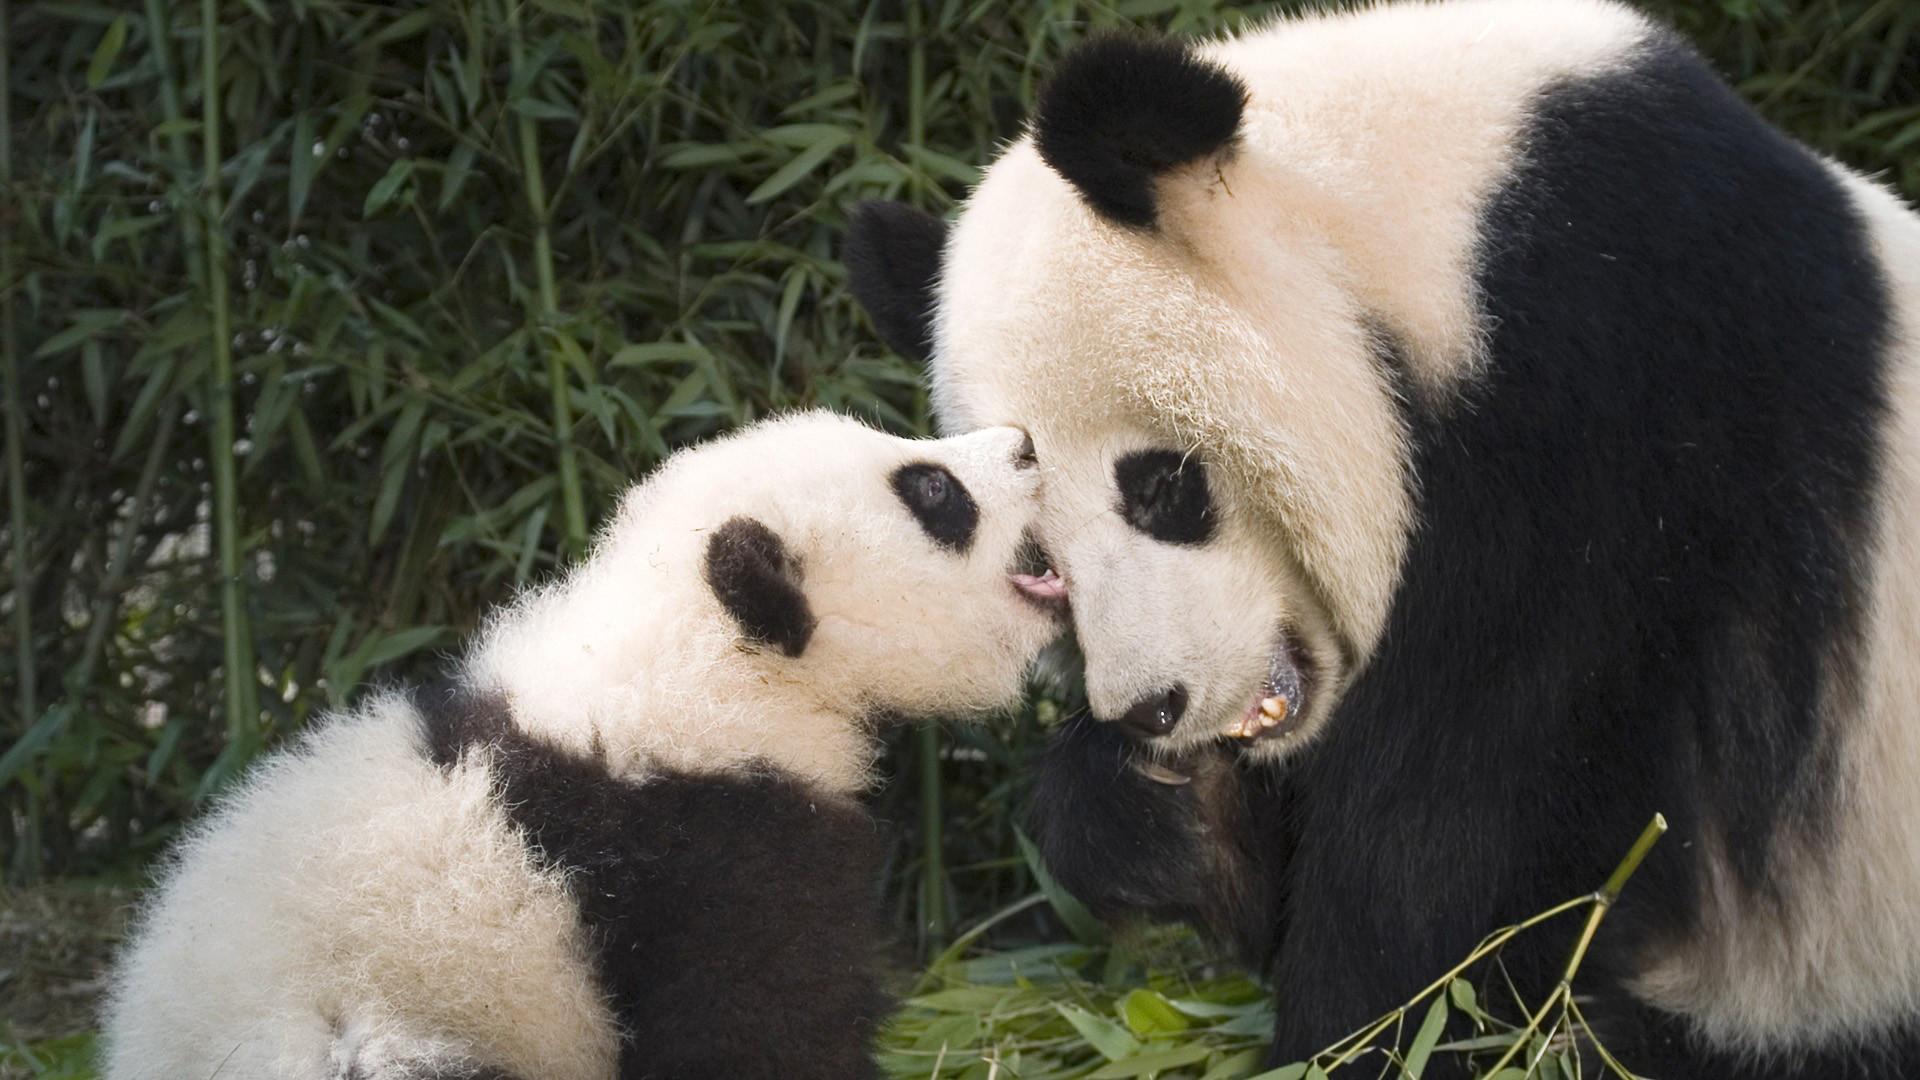 panda and baby panda HD, wallpaper download